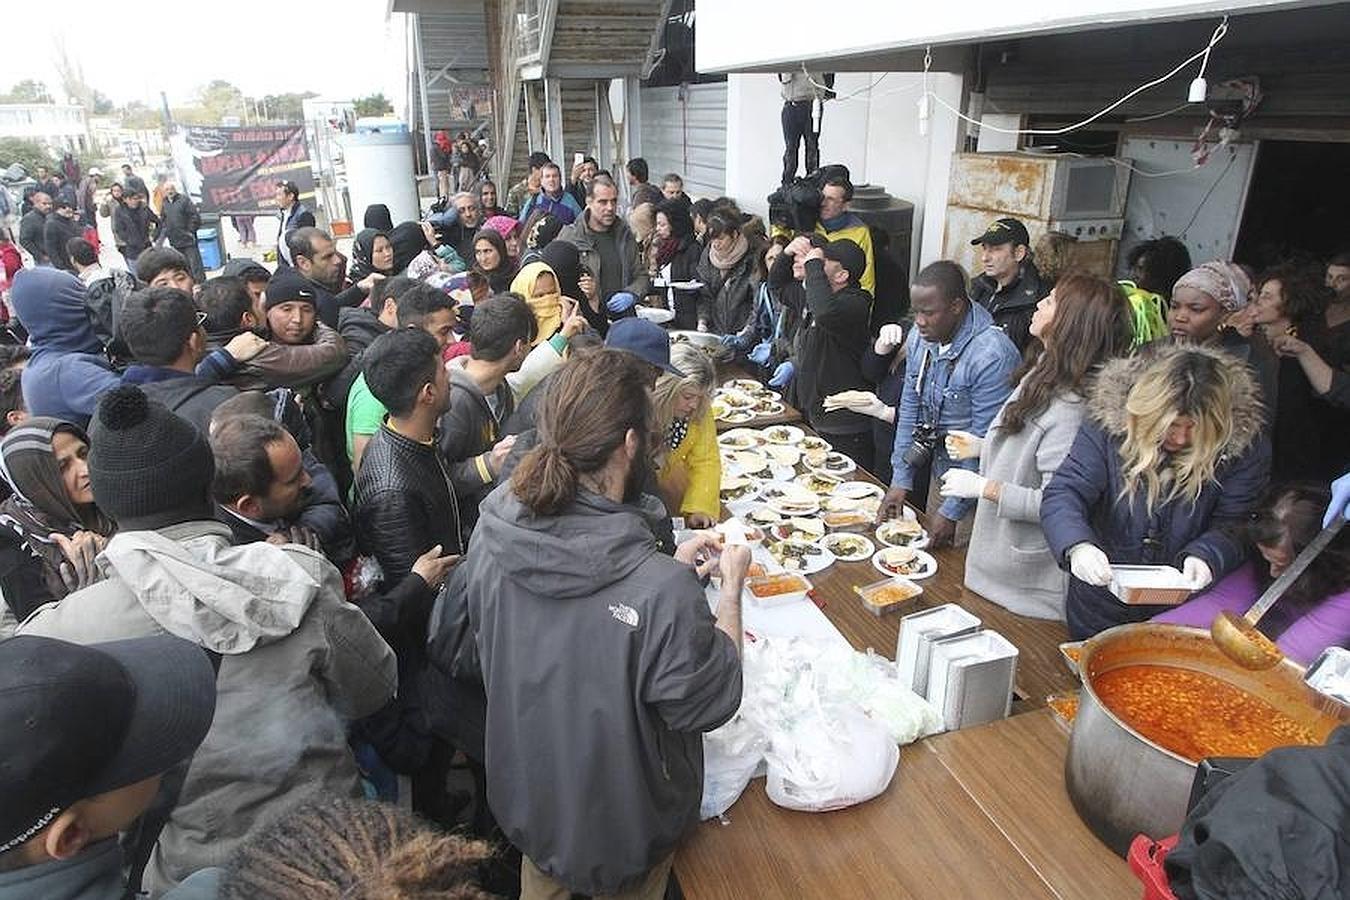 Un grupo de voluntarios reparte ayer comida a refugiados en el antiguo aeropuerto de Elliniko, Grecia